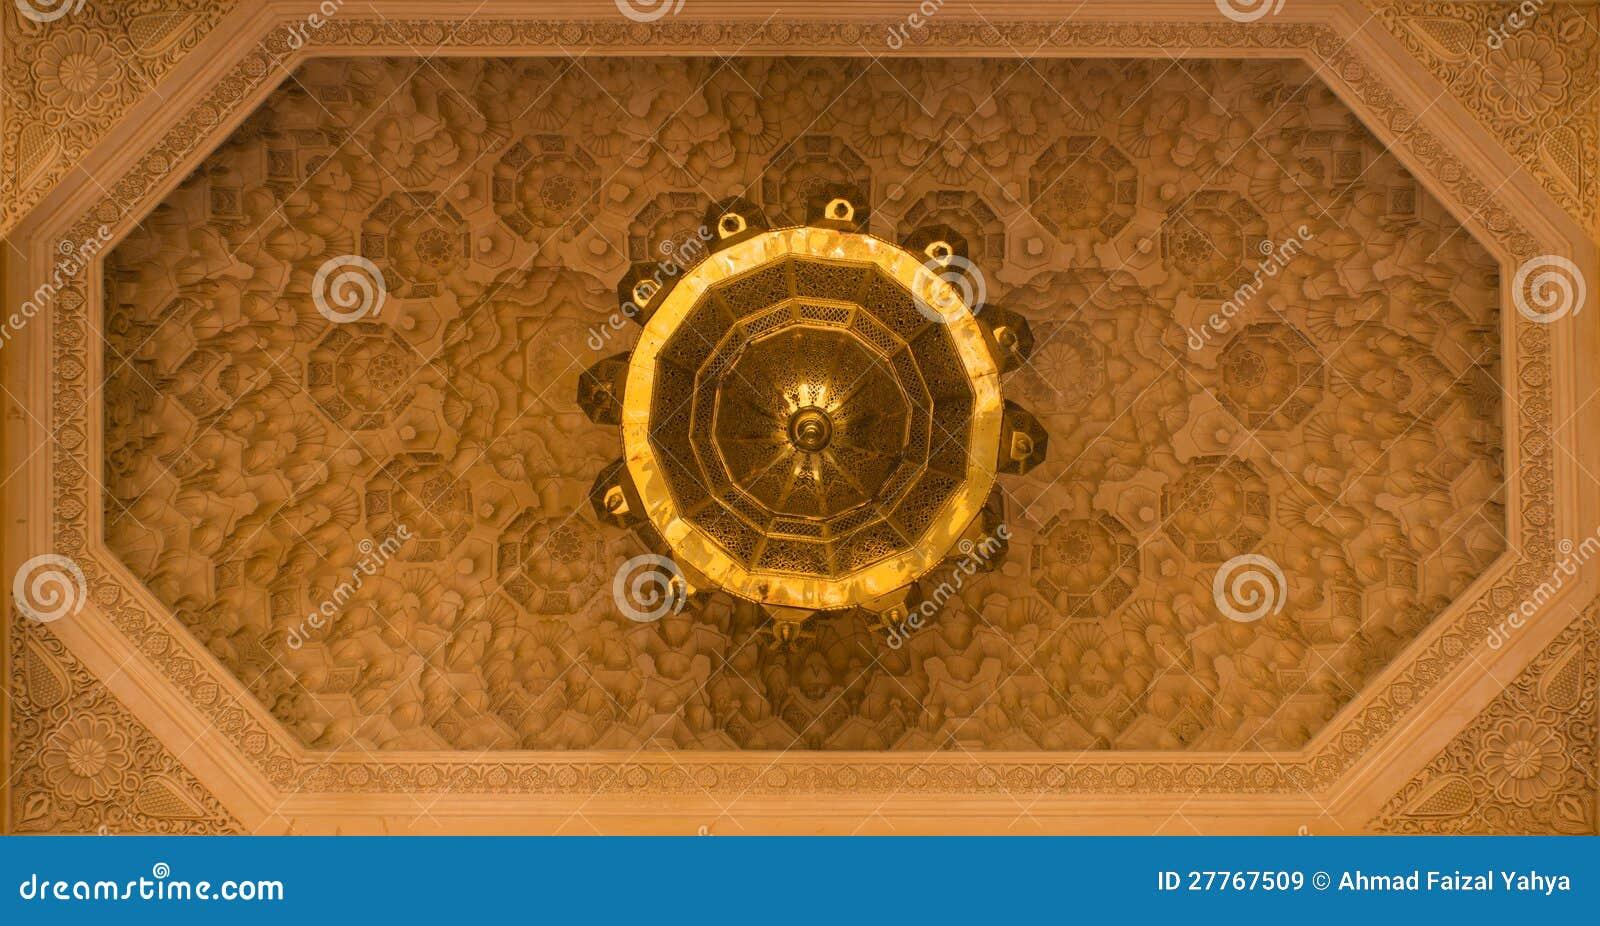 Plafond decoratie royalty vrije stock afbeeldingen afbeelding 27767509 - Marokkaanse design decoratie ...